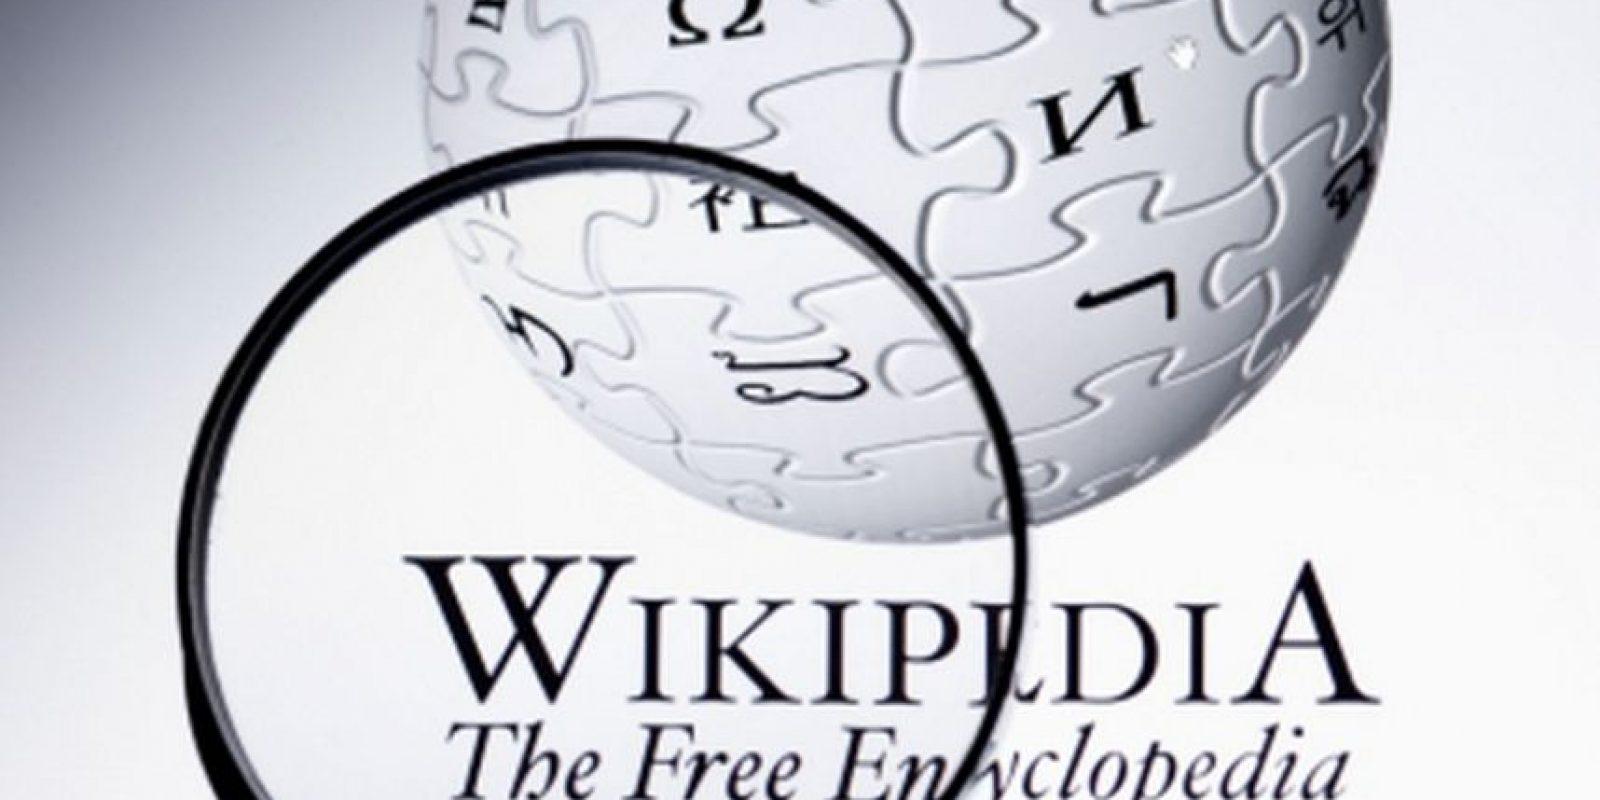 Wikipedia es parte de Wikimedia Foundation, una organización sin fines de lucro que busca que el conocimiento sea gratuito alrededor del mundo. Foto:Tumblr